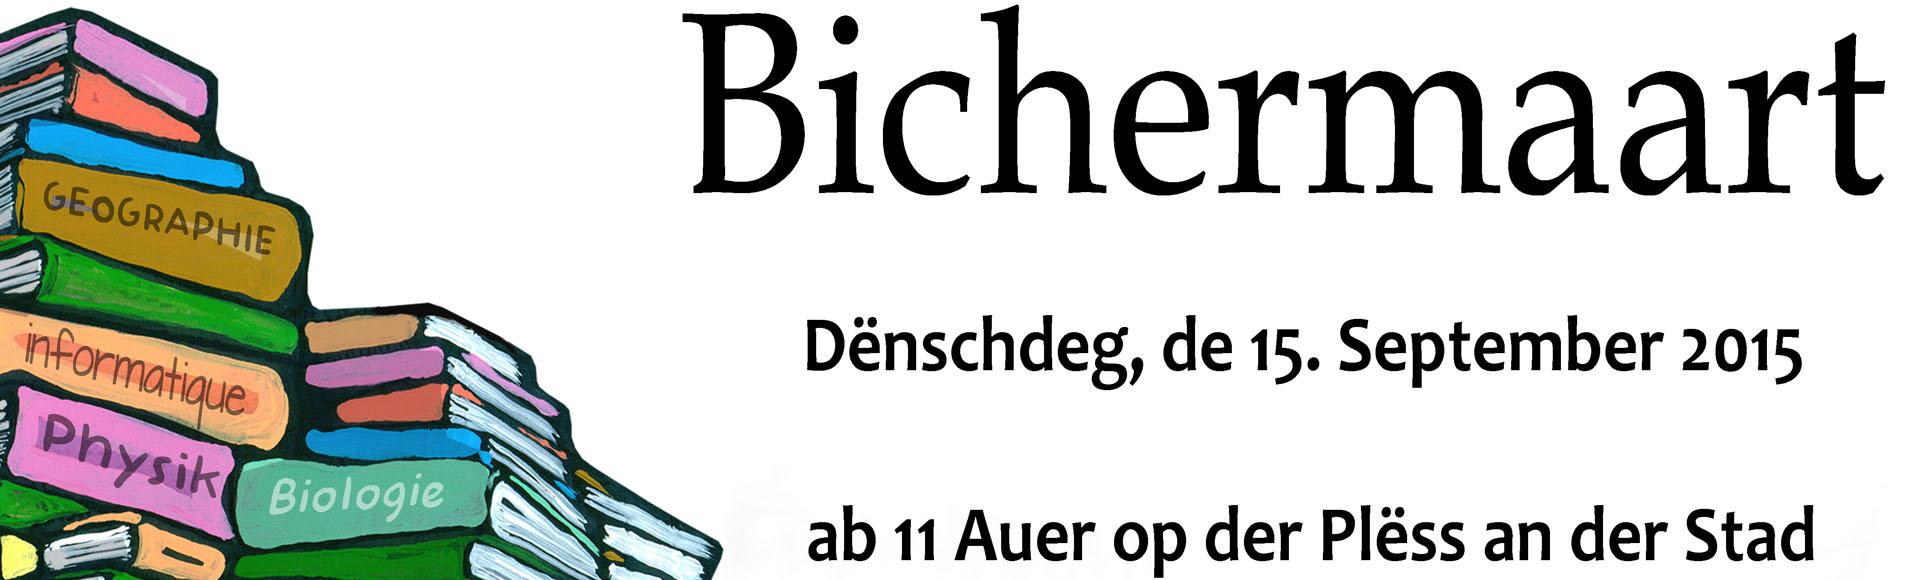 """""""Bichermaart 2015"""" – de 15. September 2015"""